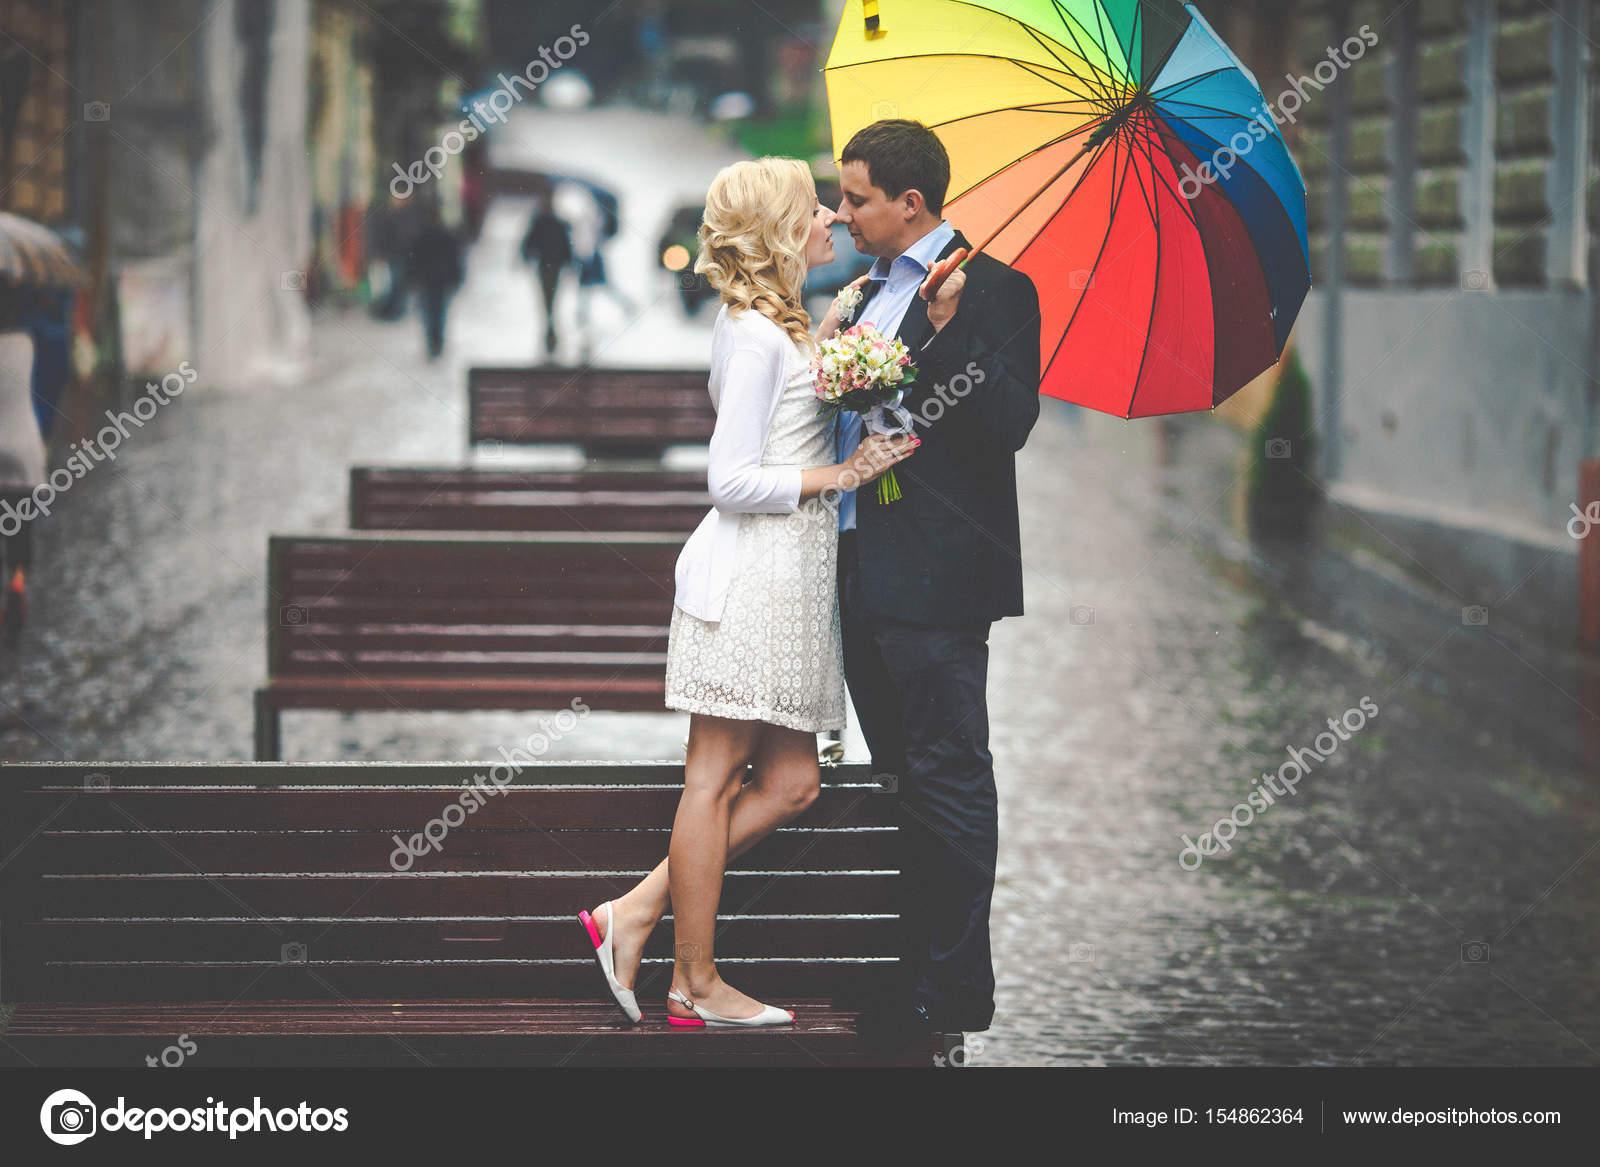 ενιαία θηλυκό datingυπηρεσία γνωριμιών Νόξβιλ